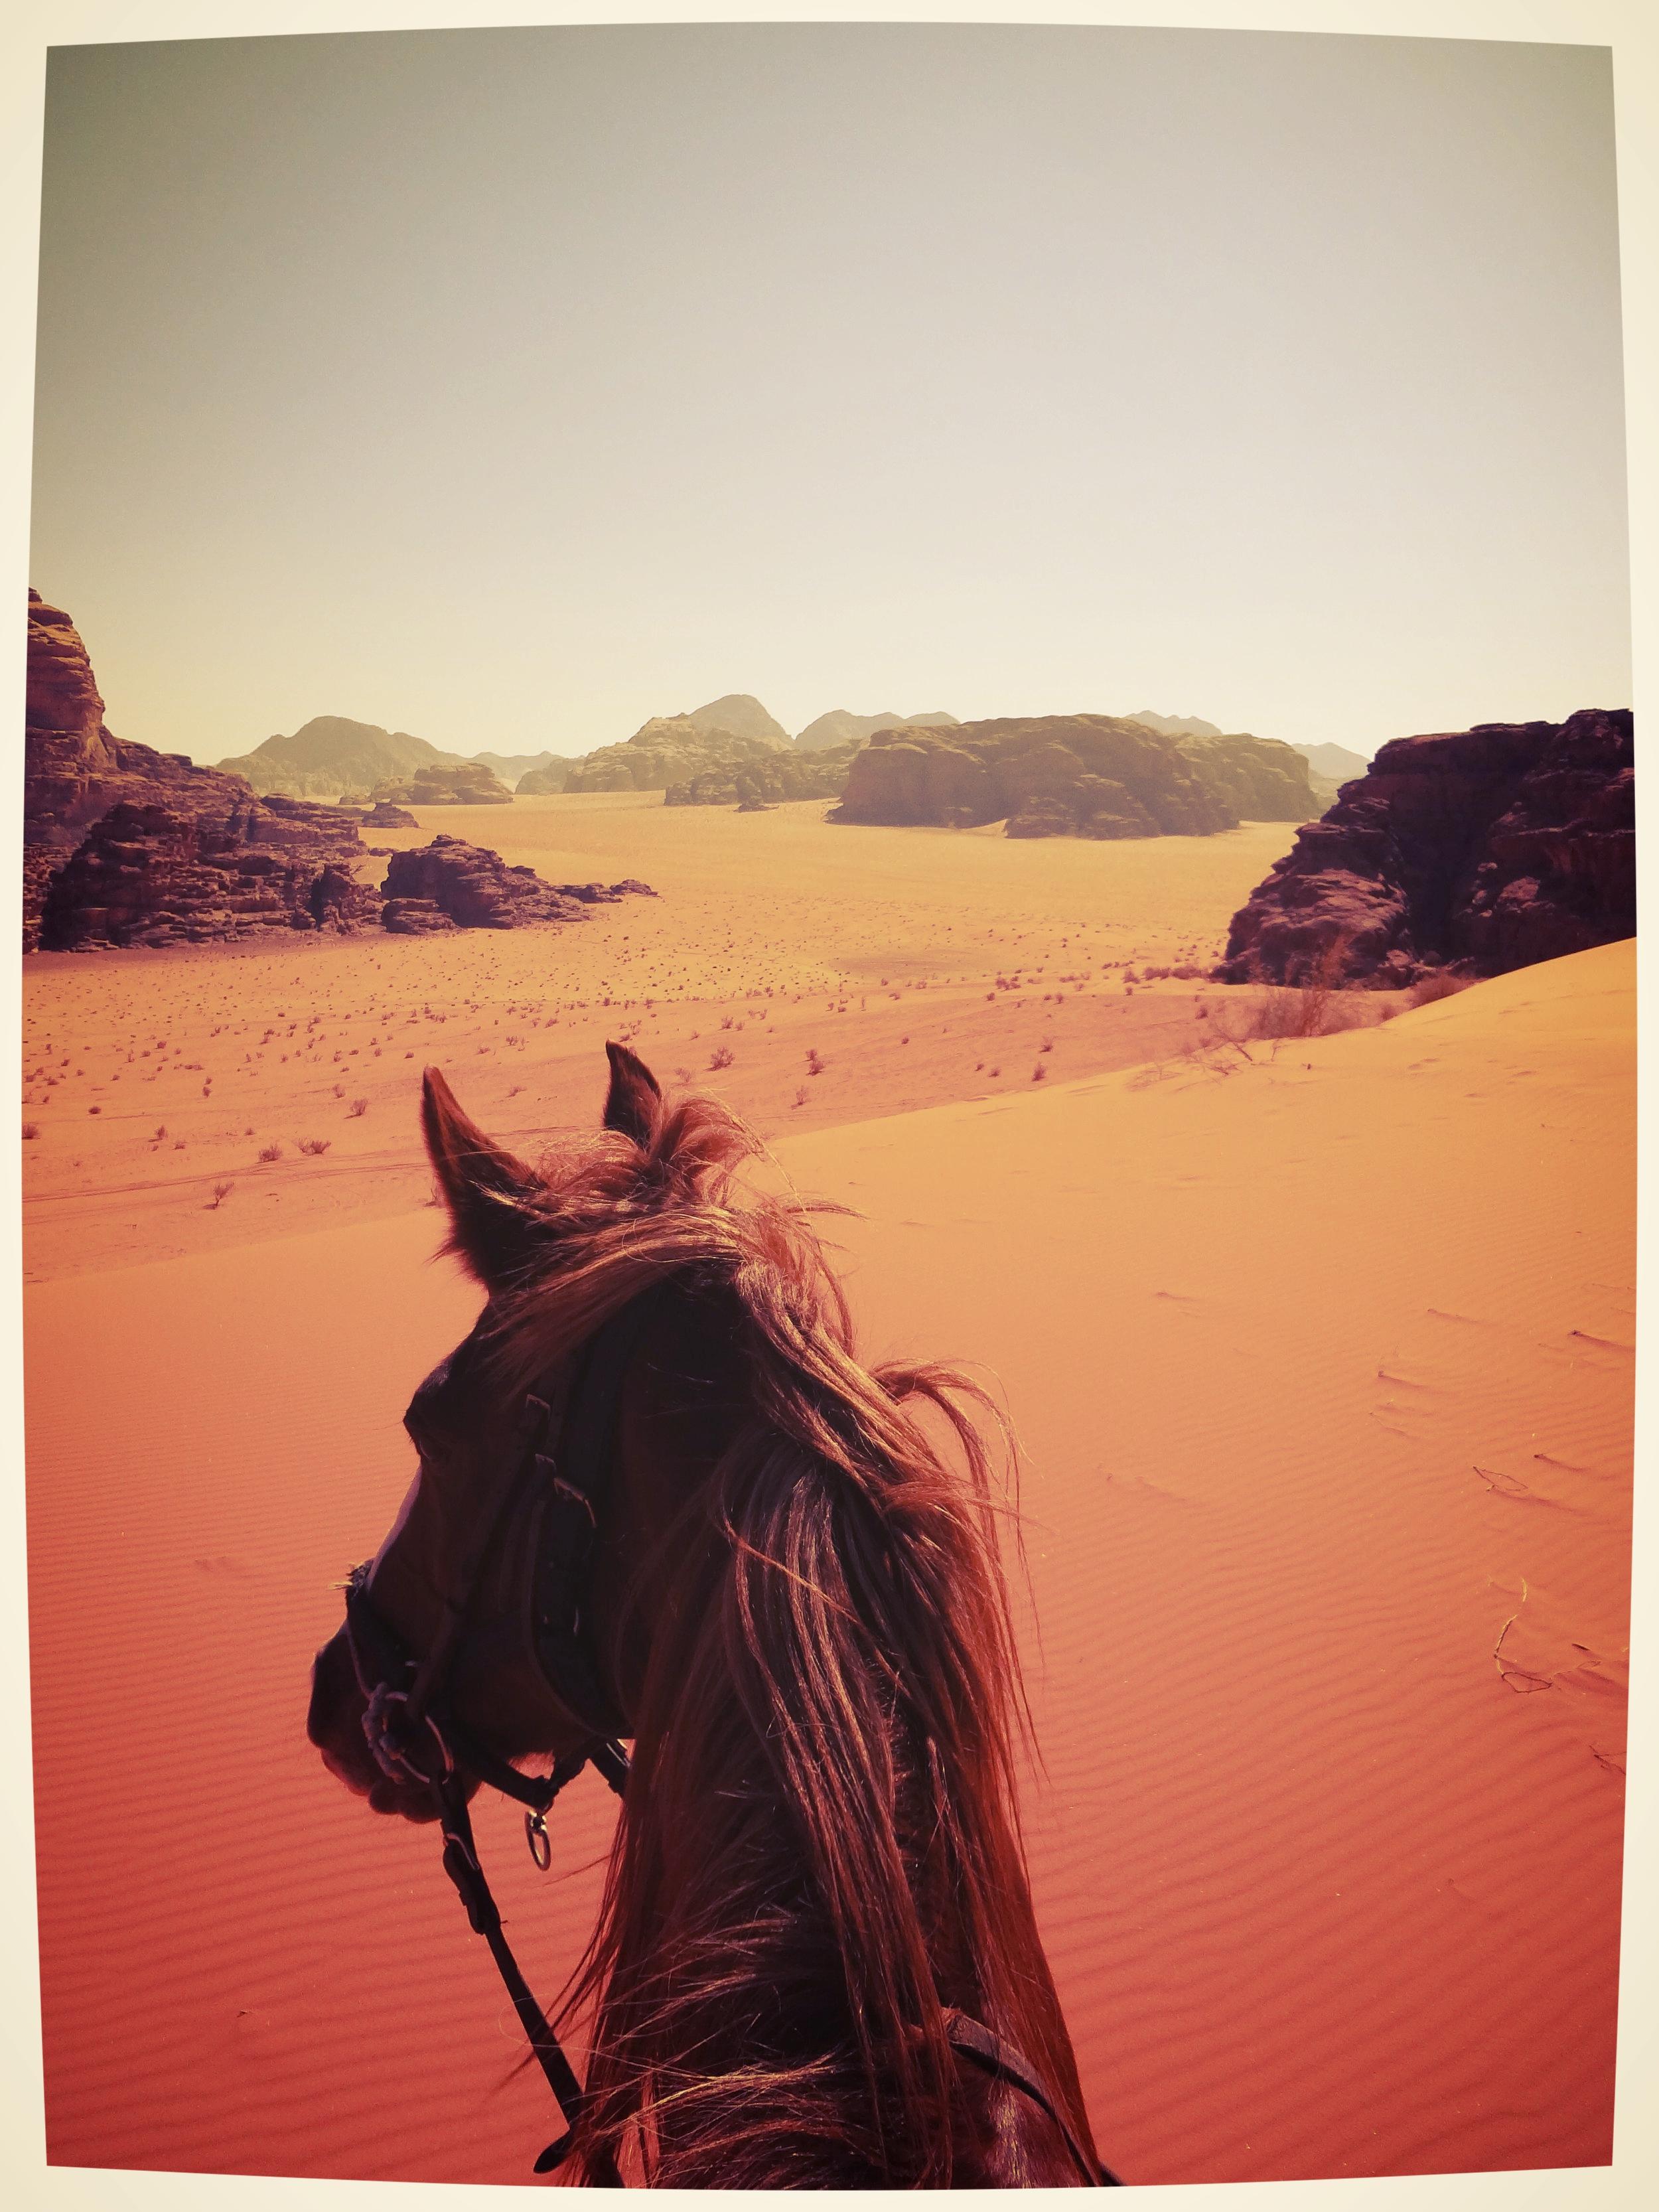 Een brullend vuur - Het spreekt voor zich dat de ervaring in Marokko fantastisch was en er volgden al heel snel vele reizen te paard over de hele wereld. De waakvlam was opnieuw aangewakkerd tot een brullend vuur dat niet meer te blussen viel. Turkije, Marokko, Jordanië, Kirgizië, ... hoe langer in het zadel, hoe liever! En tussen de reizen door ging ik naar de manege in de buurt. Als één van de weinige 'oudere paardenmeisjes' reed ik op verschillende paarden, elke keer een andere. Nieuwe paarden werden eerst gelongeerd en dan één of ander zadel erop en hoppa, rijden maar. Ik werd er steeds vaker afgegooid. Op een avond lag ik er al na 5 minuten af en ik zat op de grond toe te kijken hoe de instructrice, samen met een toeschouwer, het bewuste paard in de hoek dreven en hard rukten aan de teugels (en dus het bit) om het dier te straffen.Op dat bewuste moment ging mijn knopje om. Dit wilde ik niet meer, op die manier wilde ik niet meer met paarden omgaan. Met mijn andere dieren ging ik toch ook niet zo bruut om?